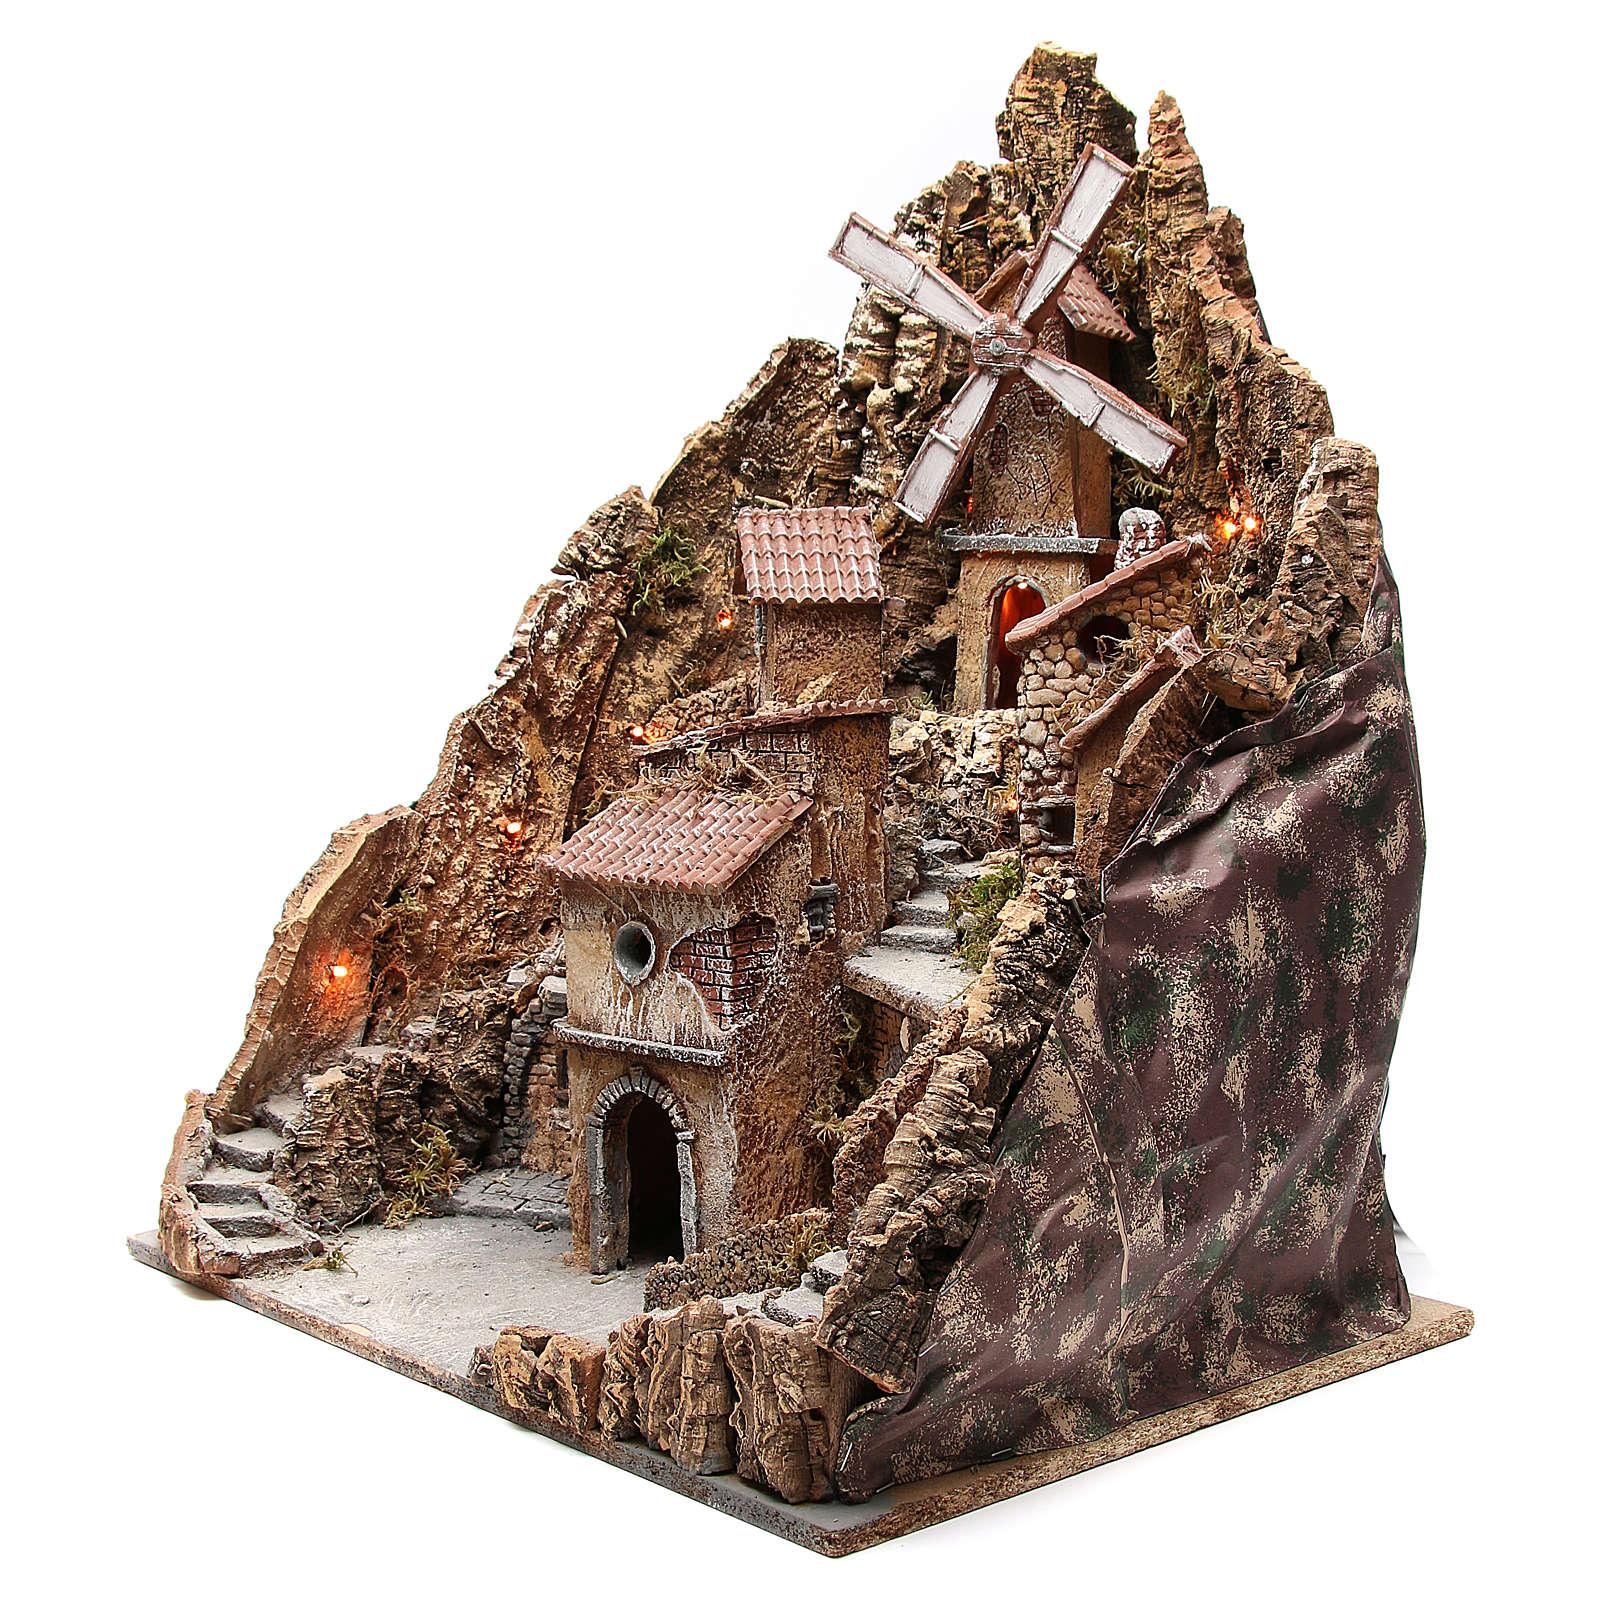 Borgo presepe napoletano con mulino 60x58x55 cm 4